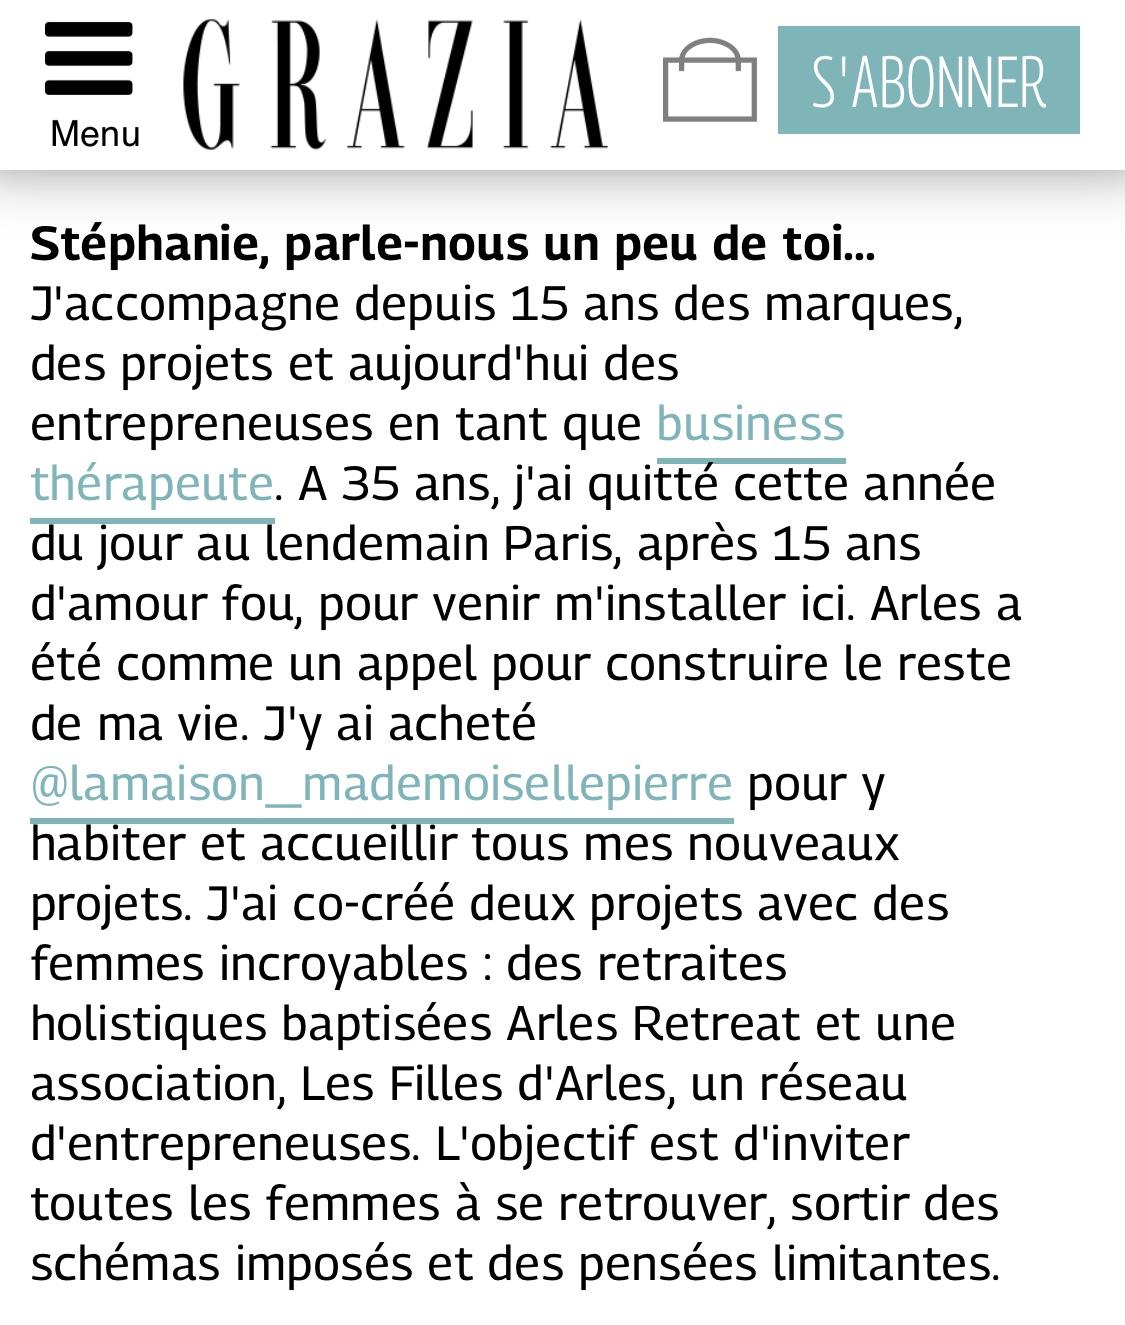 Grazia.fr juillet 2019